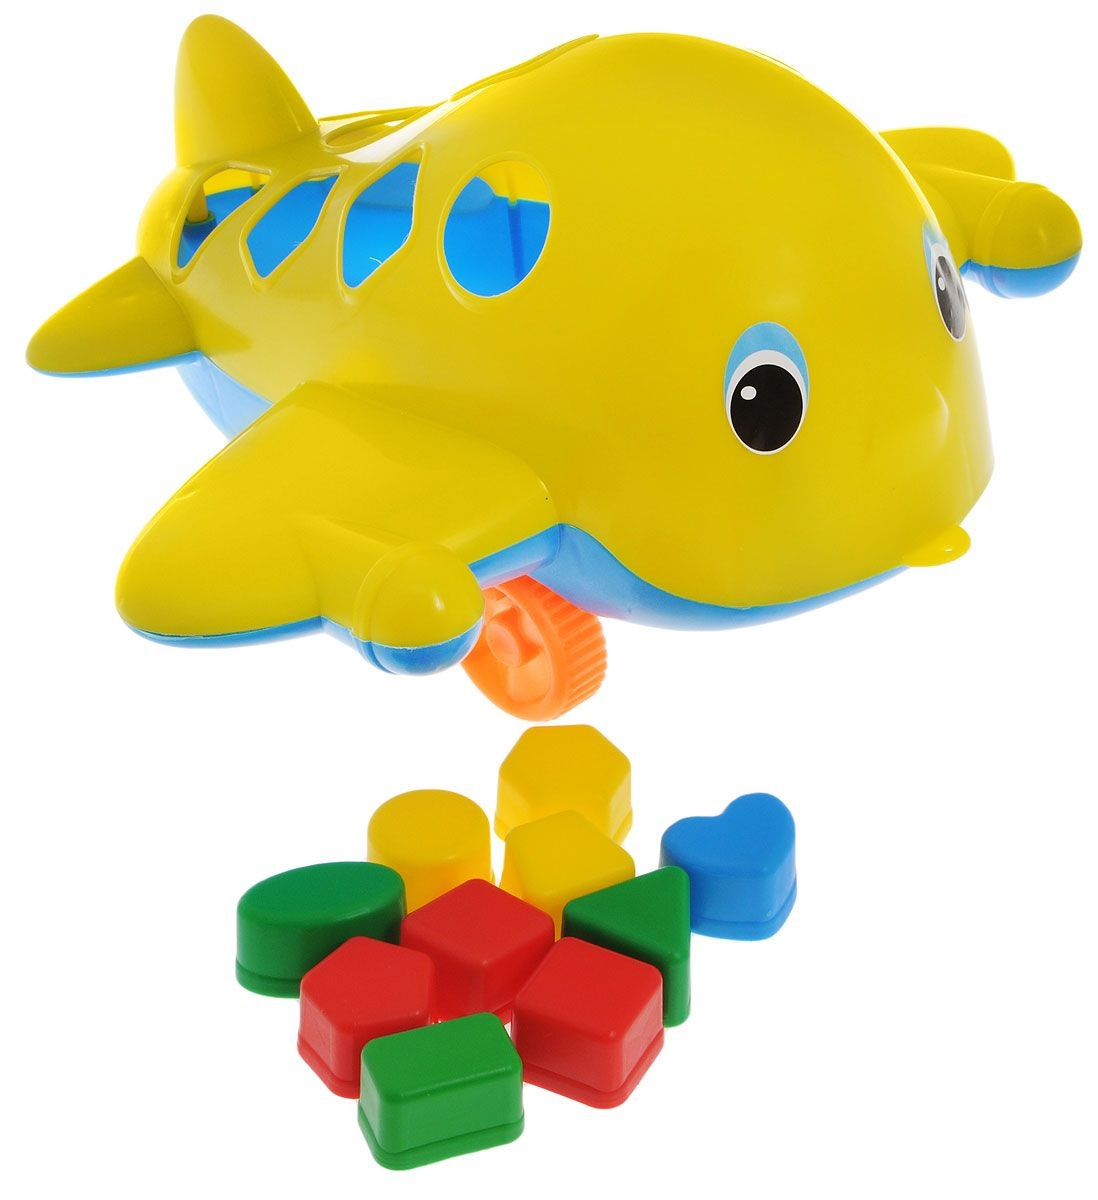 Каталка сортер - самолет Кит с логическими фигурамиСортеры, пирамидки<br>Каталка сортер - самолет Кит с логическими фигурами<br>